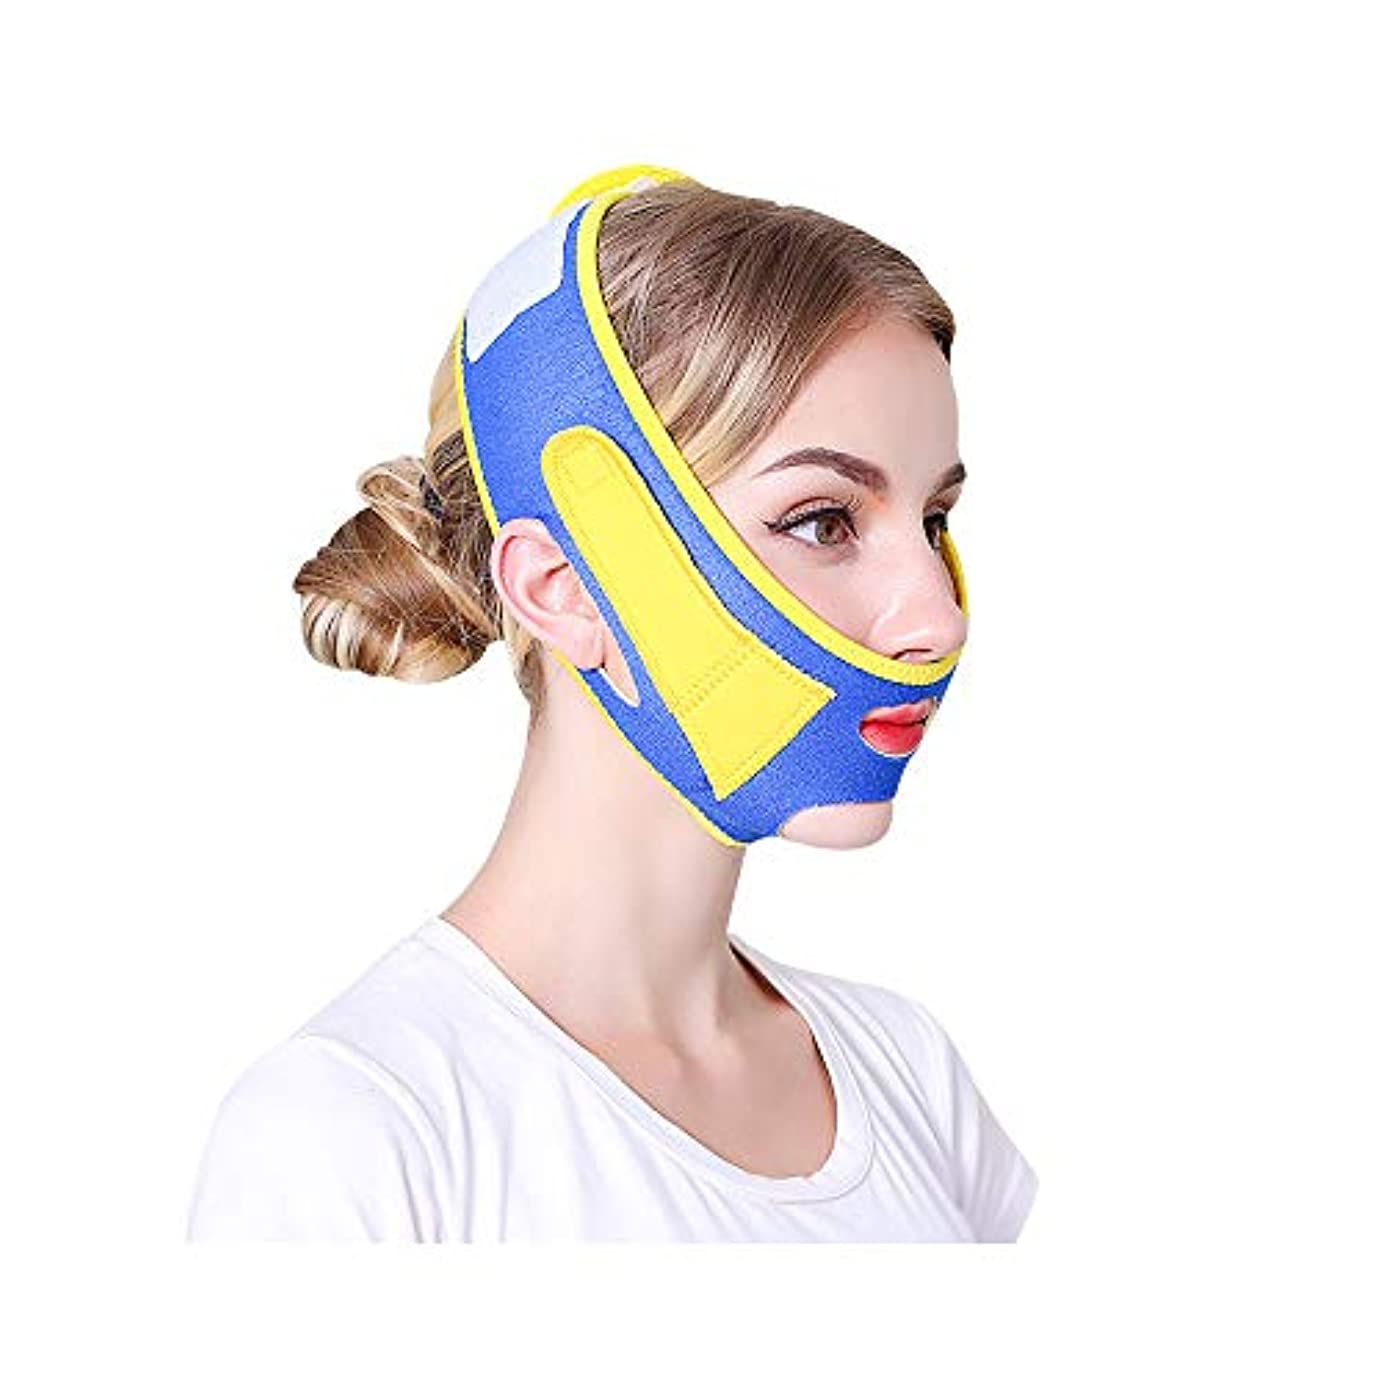 ピストル航空会社近代化顔矯正マスク - 肌を引き締め、しわを防ぐためのフェイシャルスリミングバンデージ&ダブルチンの除去-フェイスケアスリミングストラップ